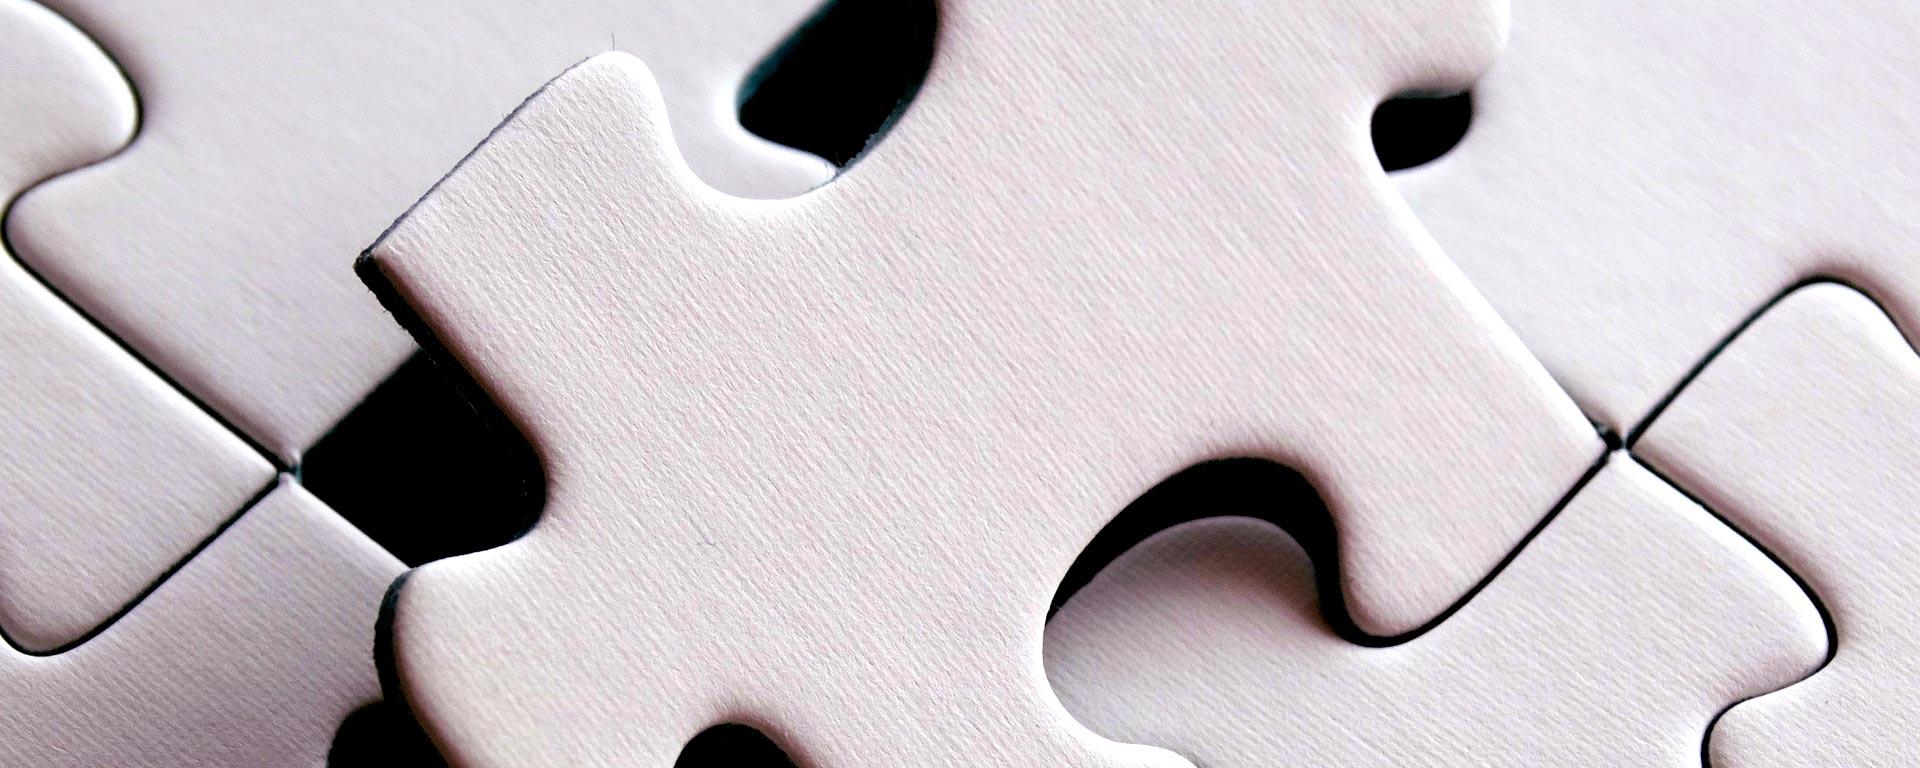 Bild på en vit pusselbit som sätts på plats bland andra pusselbitar